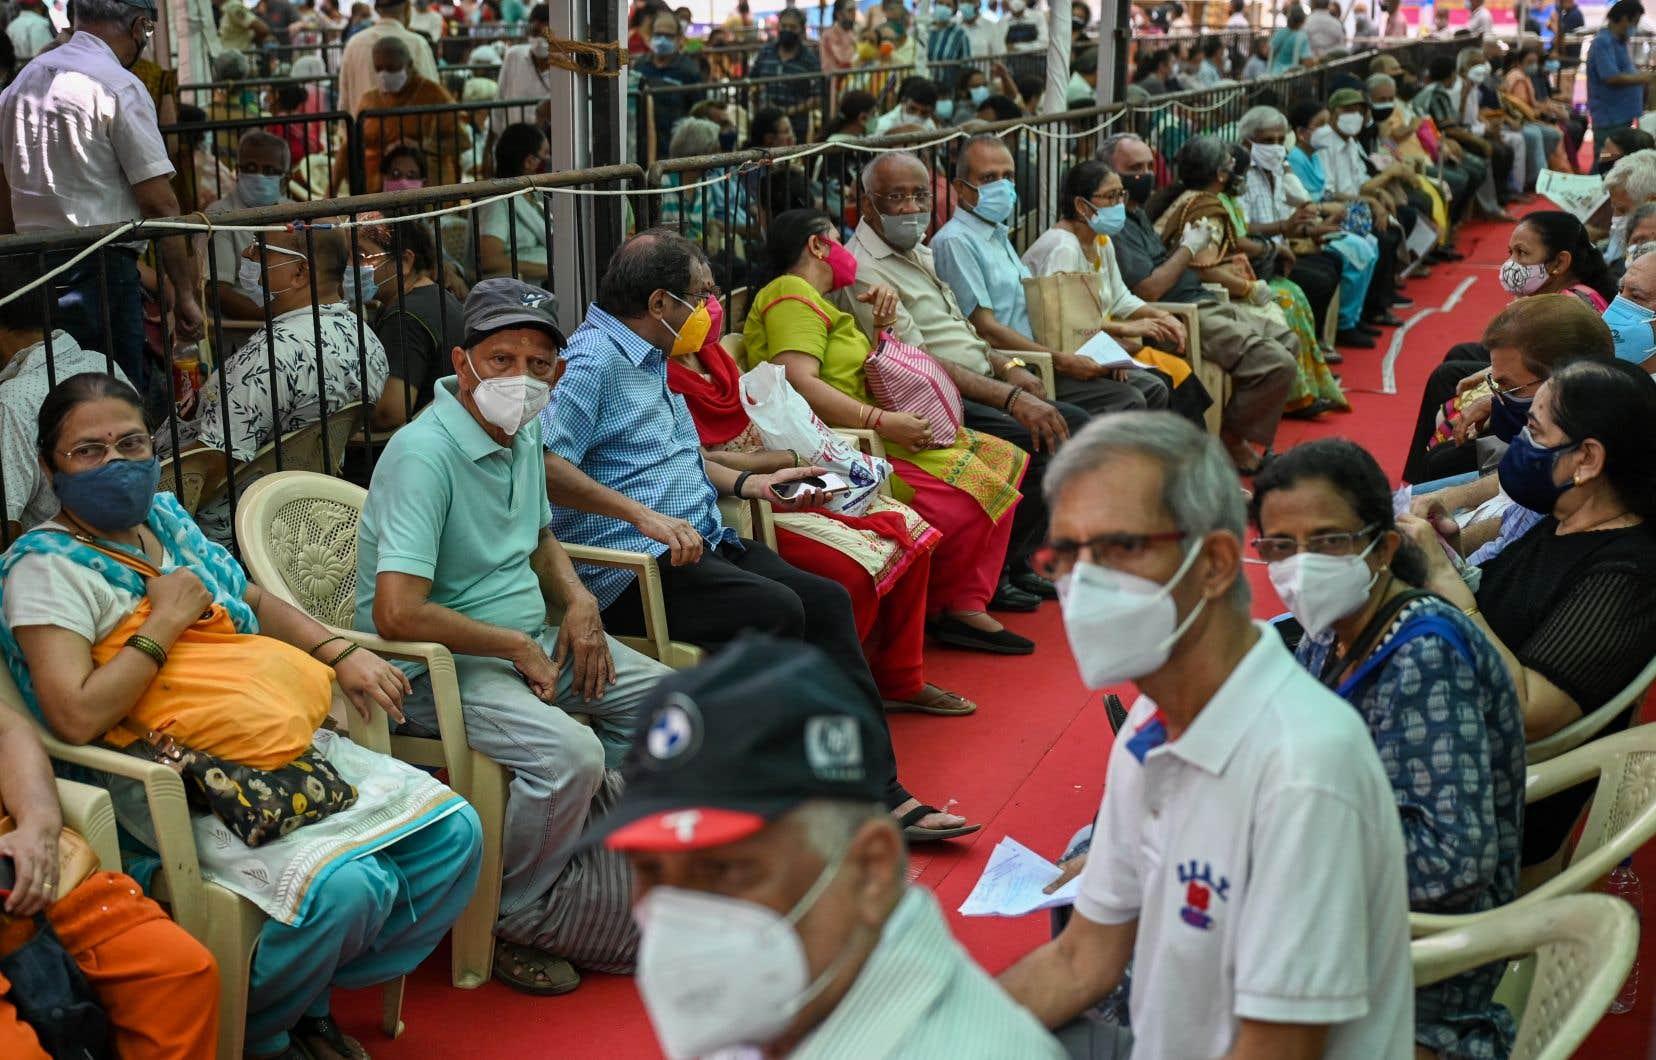 De 500 à 600millions d'Indiens  devraient pouvoir commencer à recevoir une première dose du vaccin  à partir de  samedi, étant donné que la campagne de vaccination est ouverte à tous les adultes  au pays.